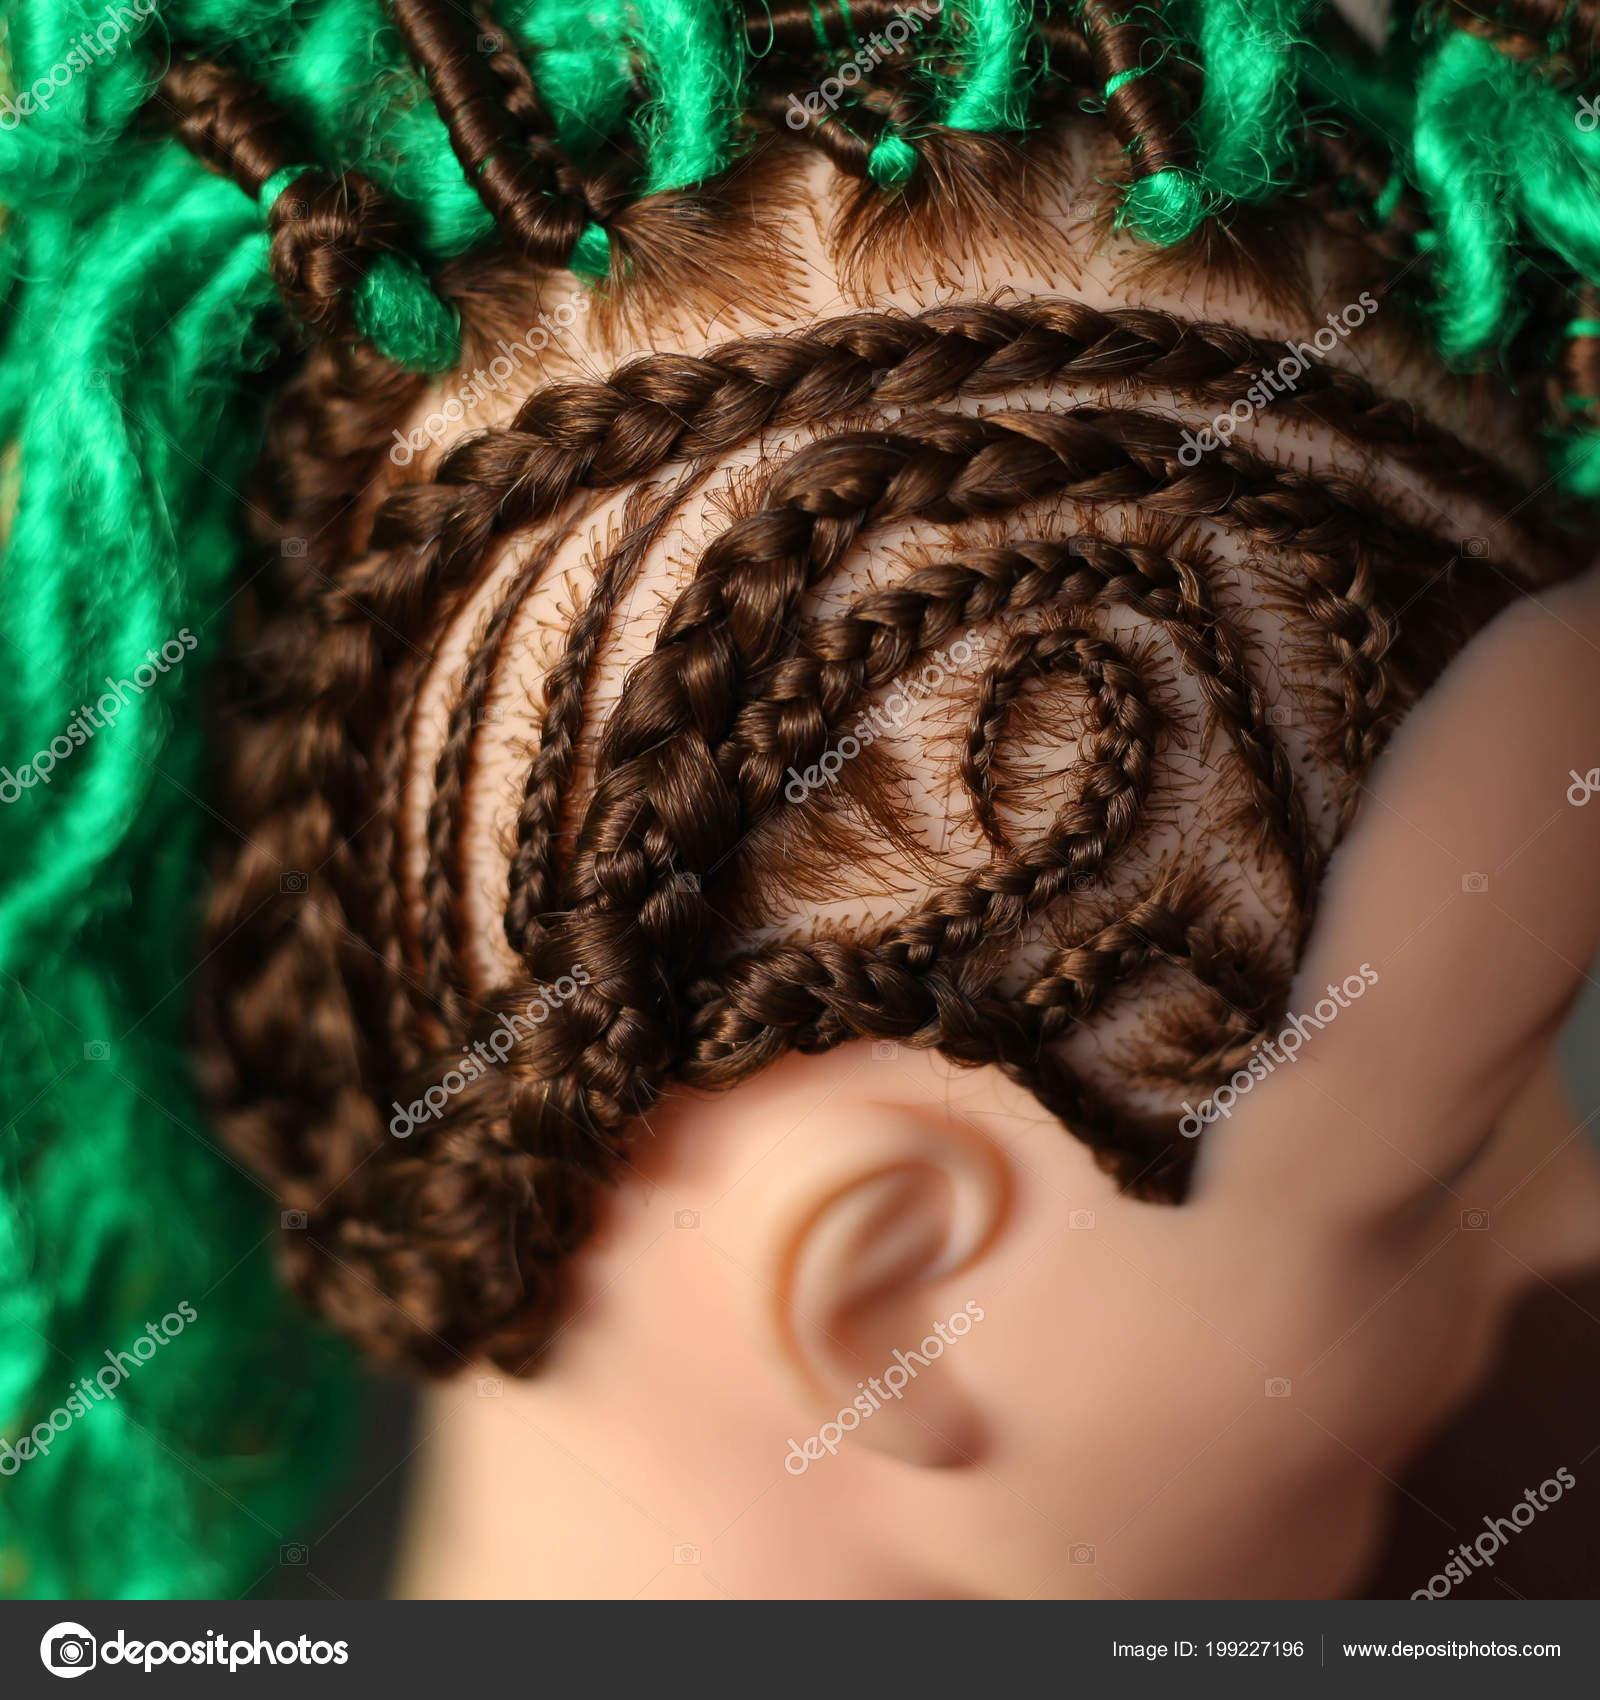 Thin Design Hairstyles Braids Dreadlocks Green Mannequin Stock